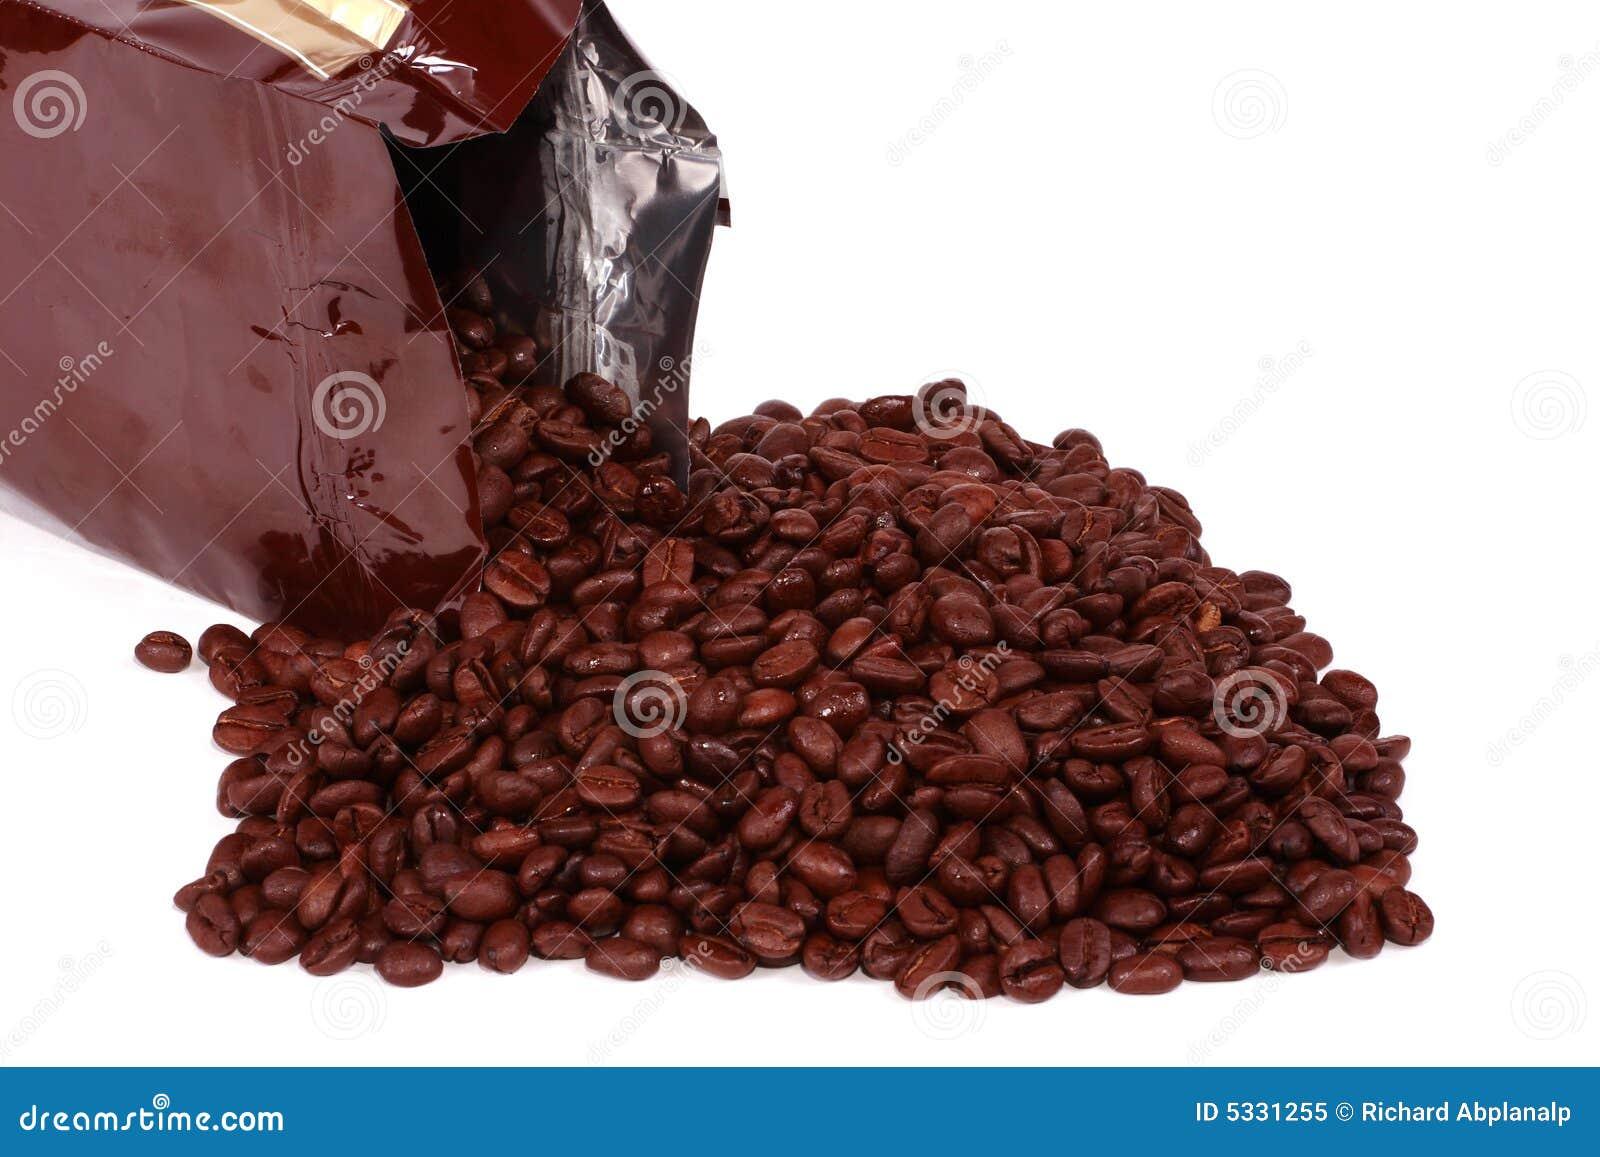 Sac renvers des grains de caf photo libre de droits - Sac de cafe en grain ...